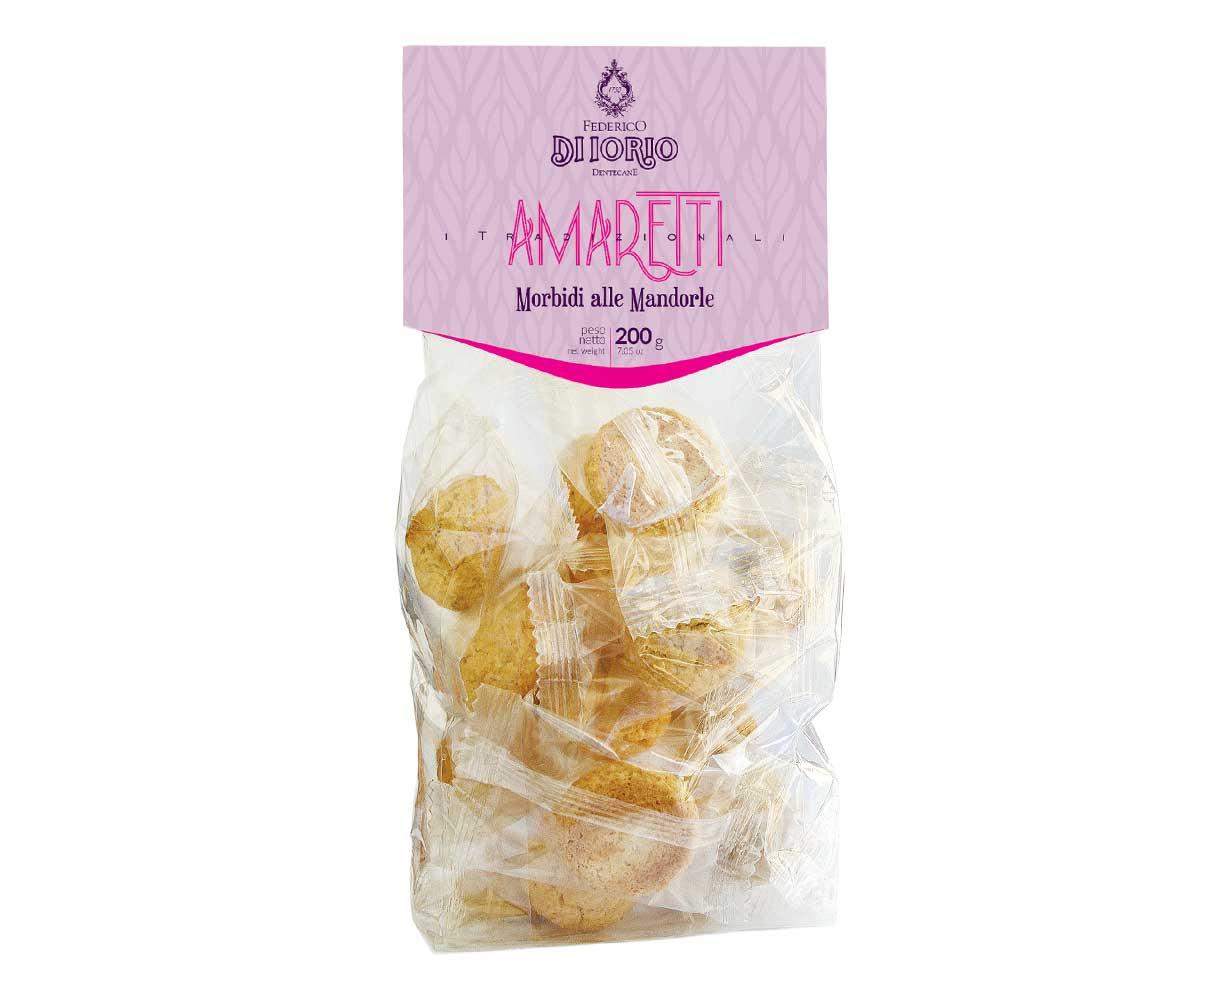 Biscotti amaretti classici alle mandorle Di Iorio 200gr